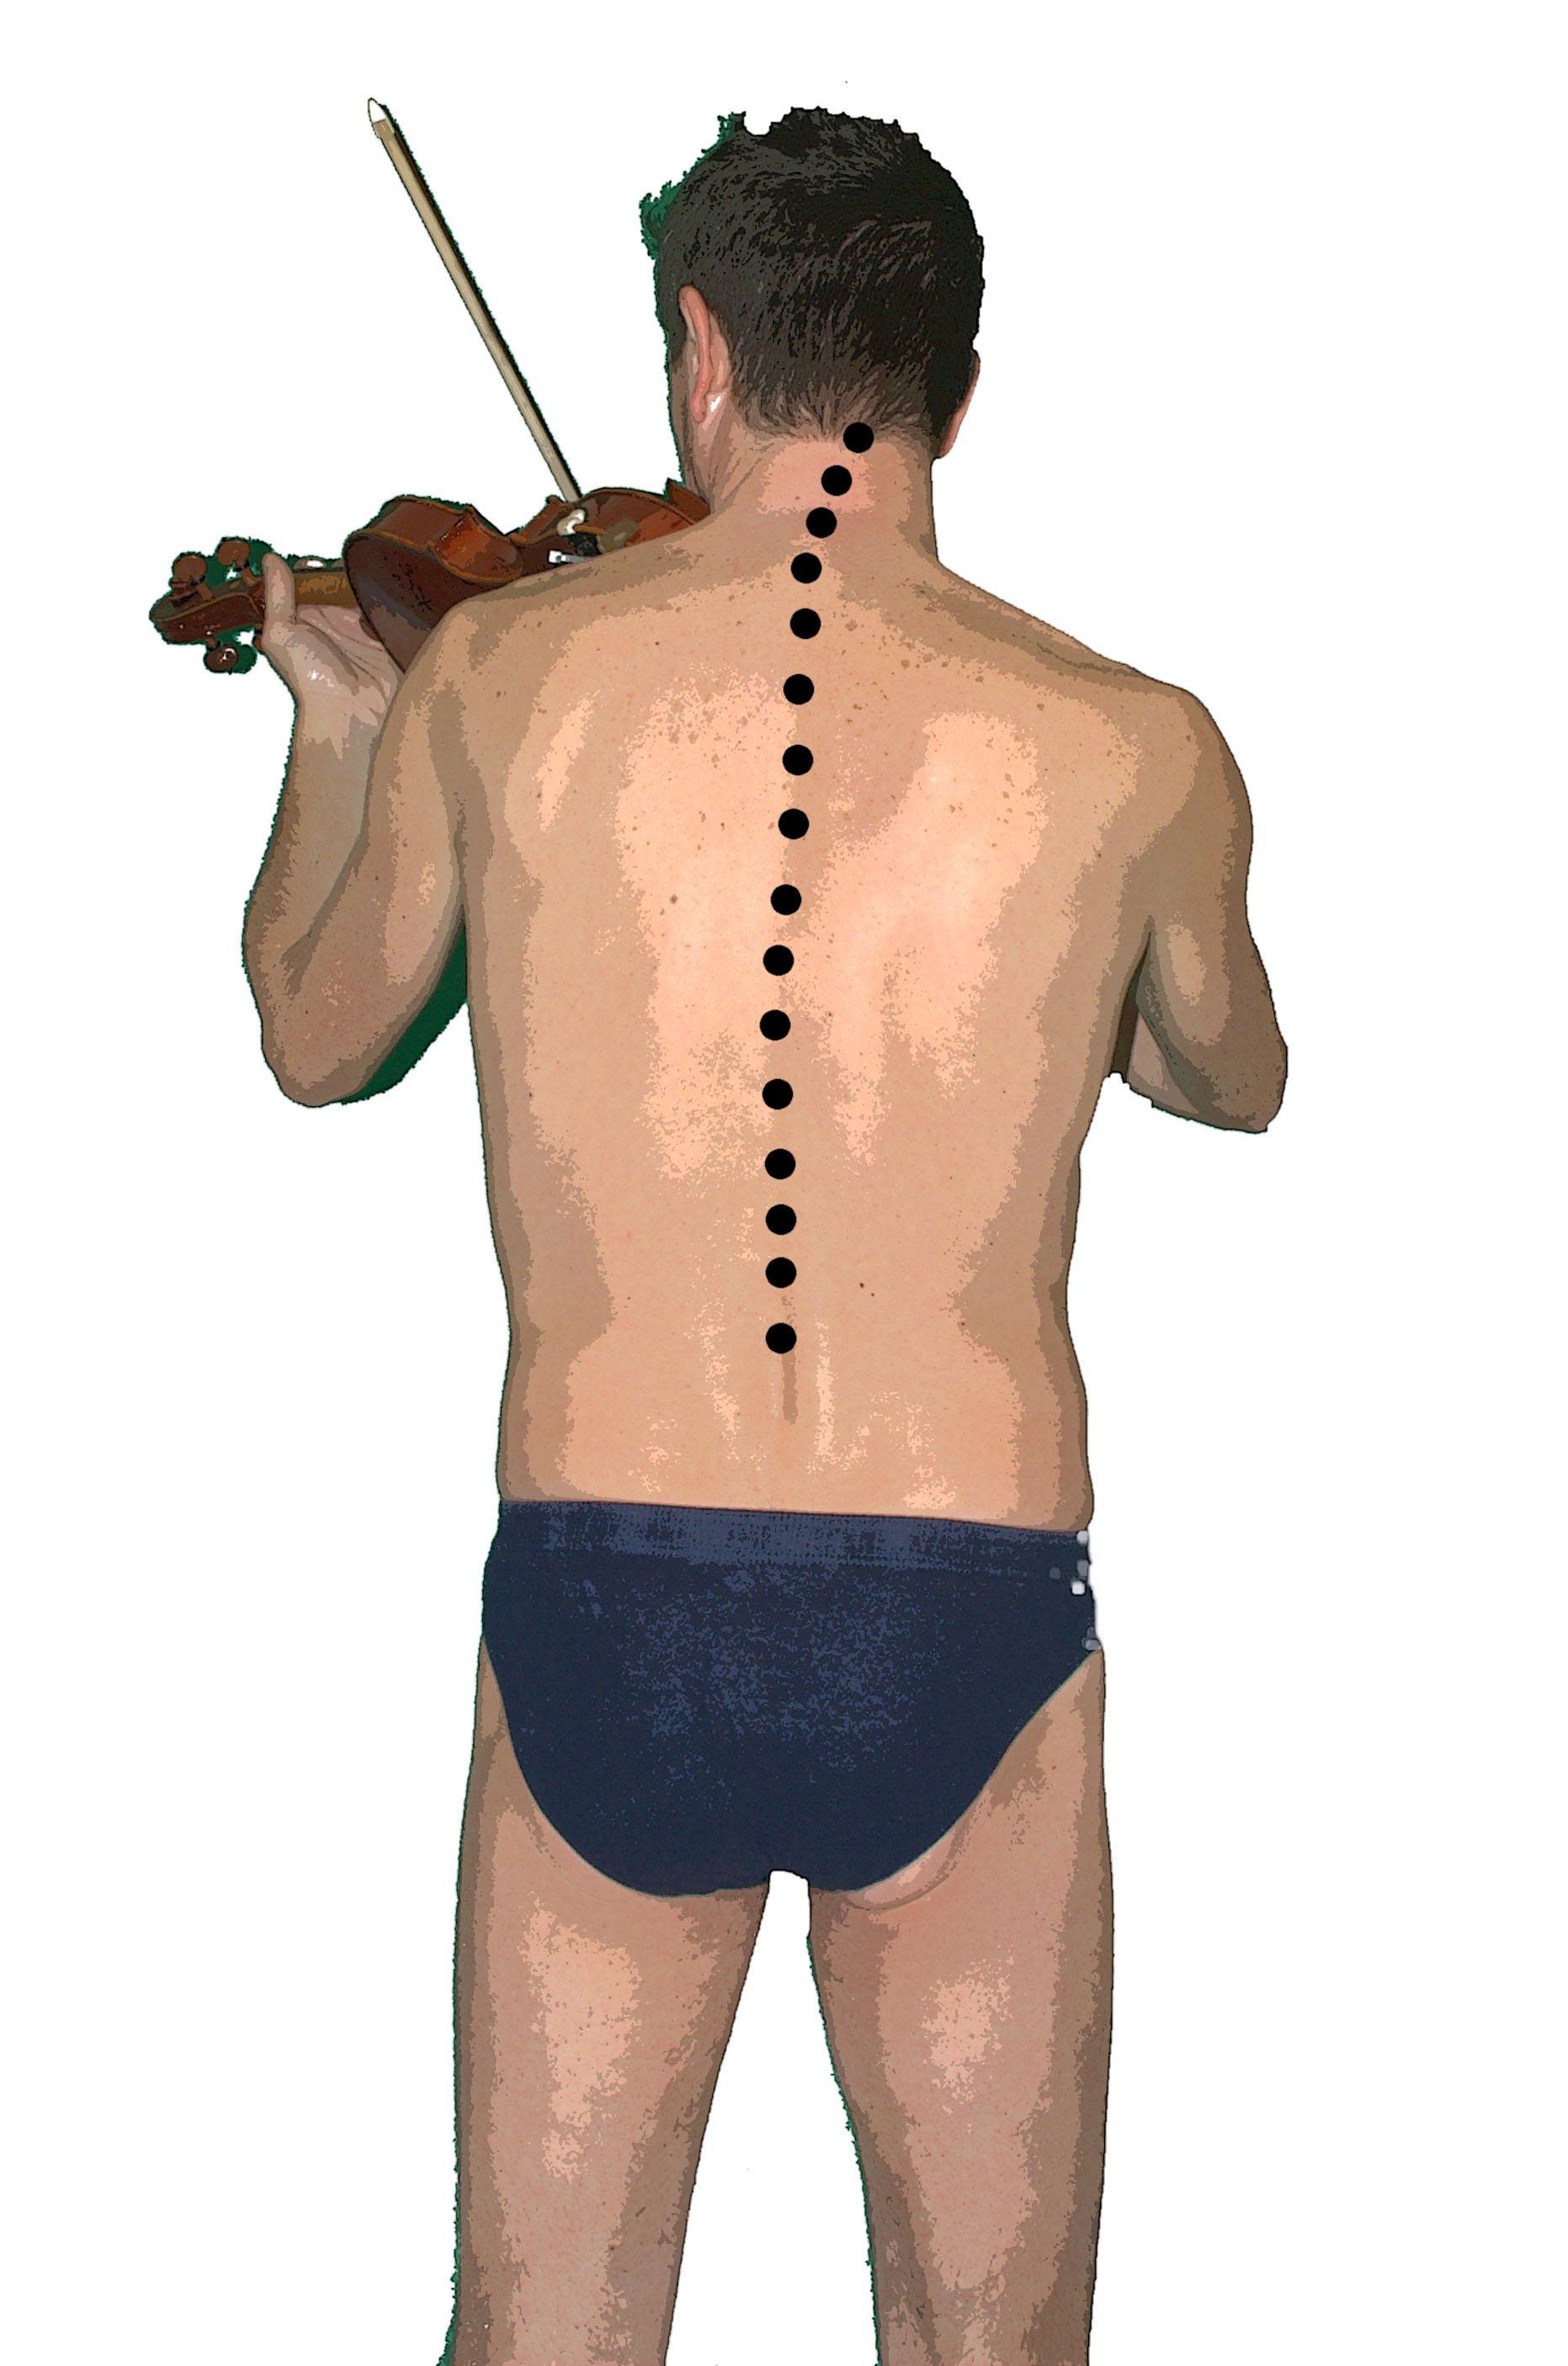 dolor del musico, posturologia